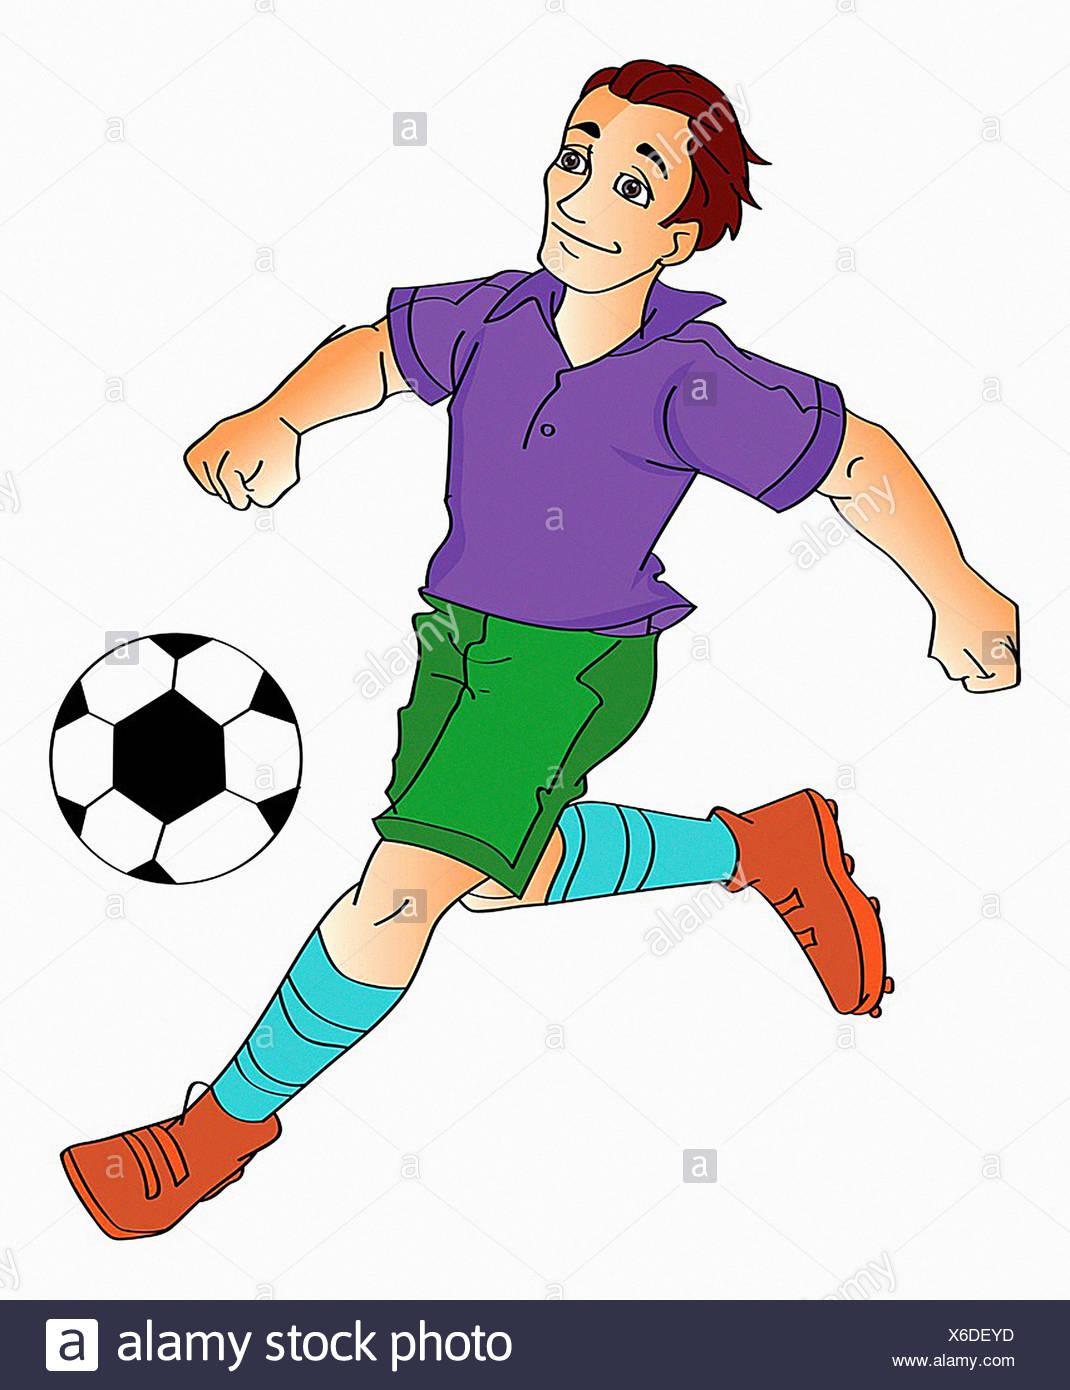 Joven jugando al fútbol, ilustración vectorial Imagen De Stock